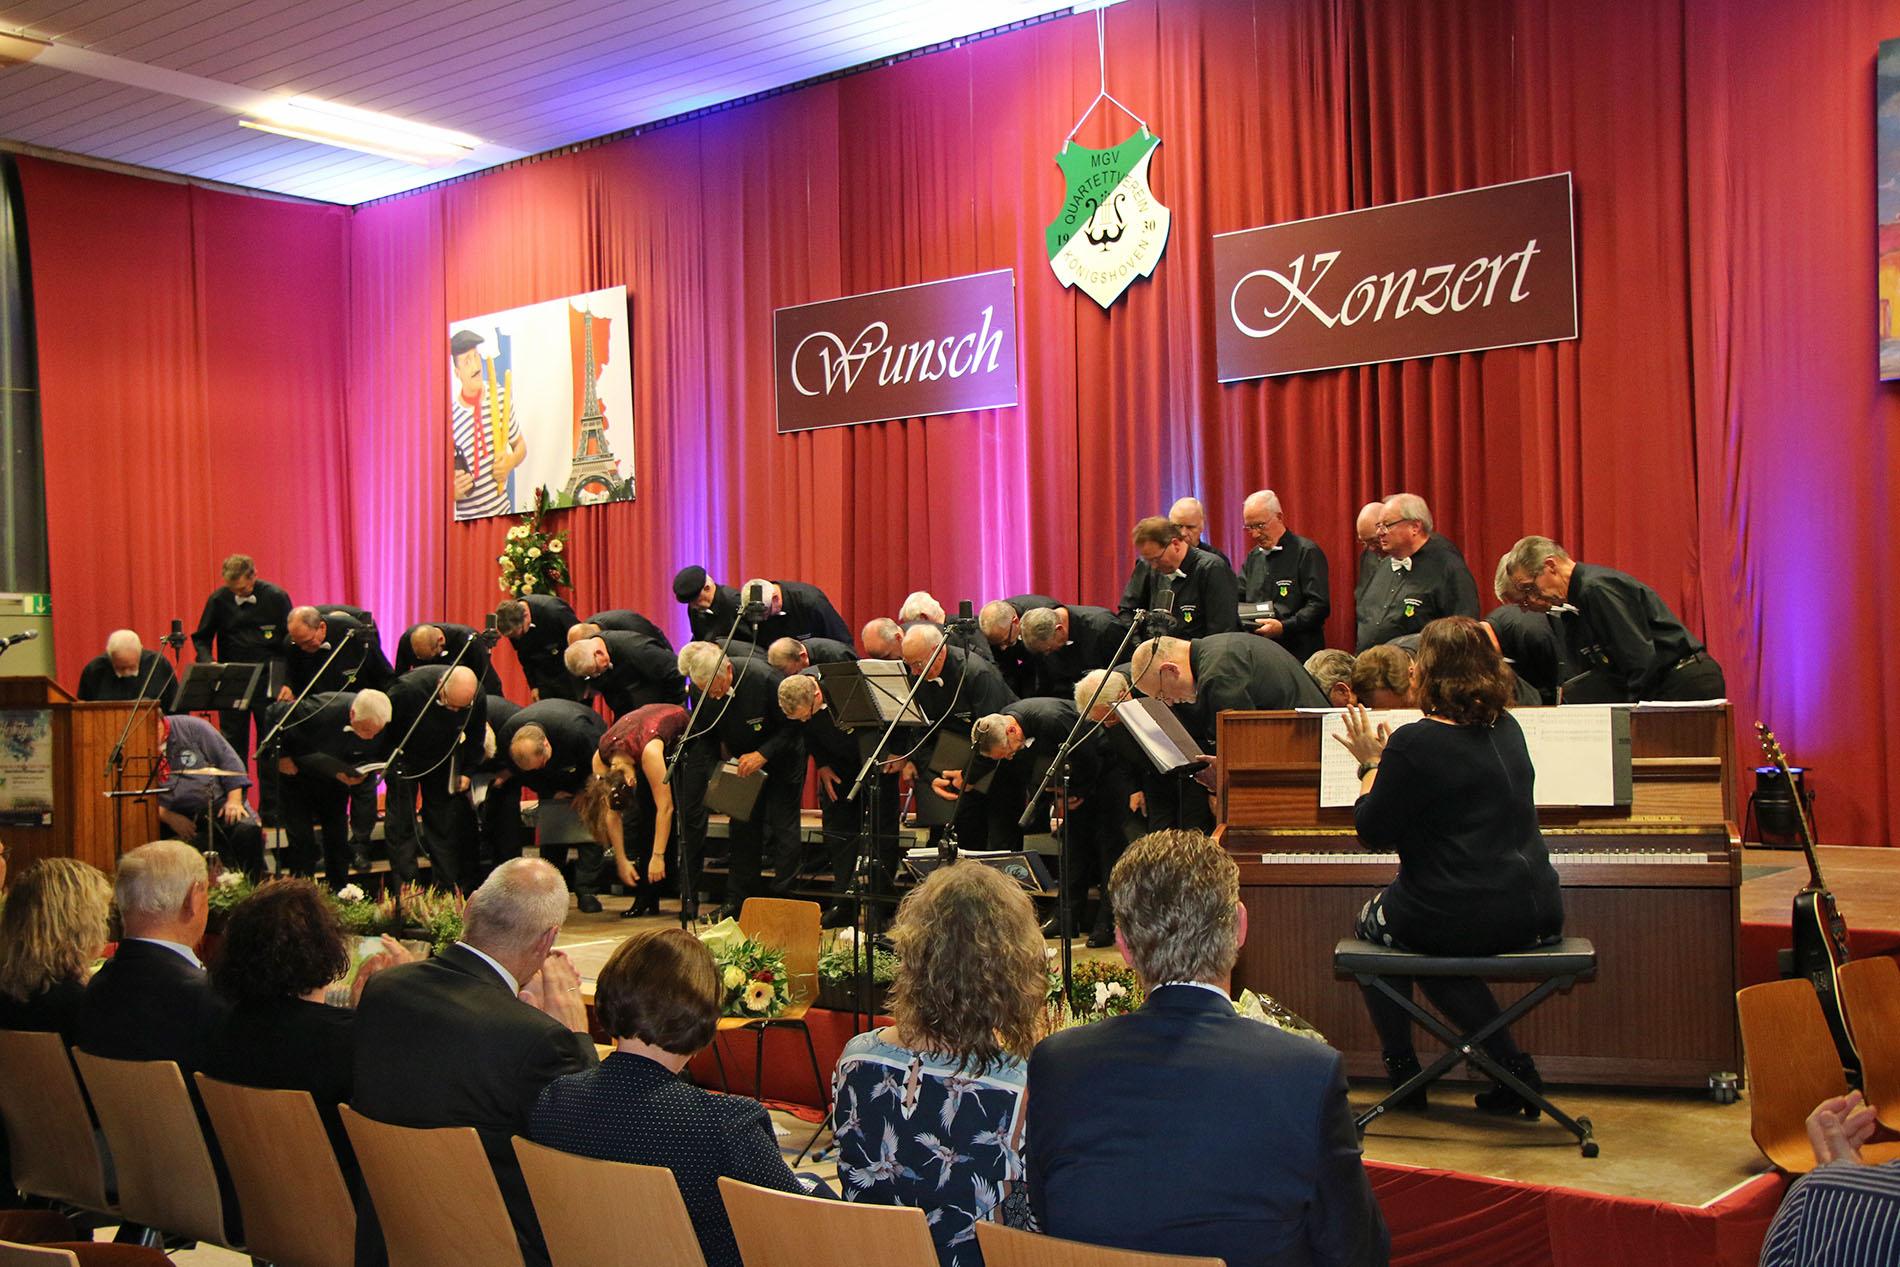 Der Chor samt Chorleiterin verneigten sich vor einem großartigen Publikum in der Königshovener Bürgerhalle.